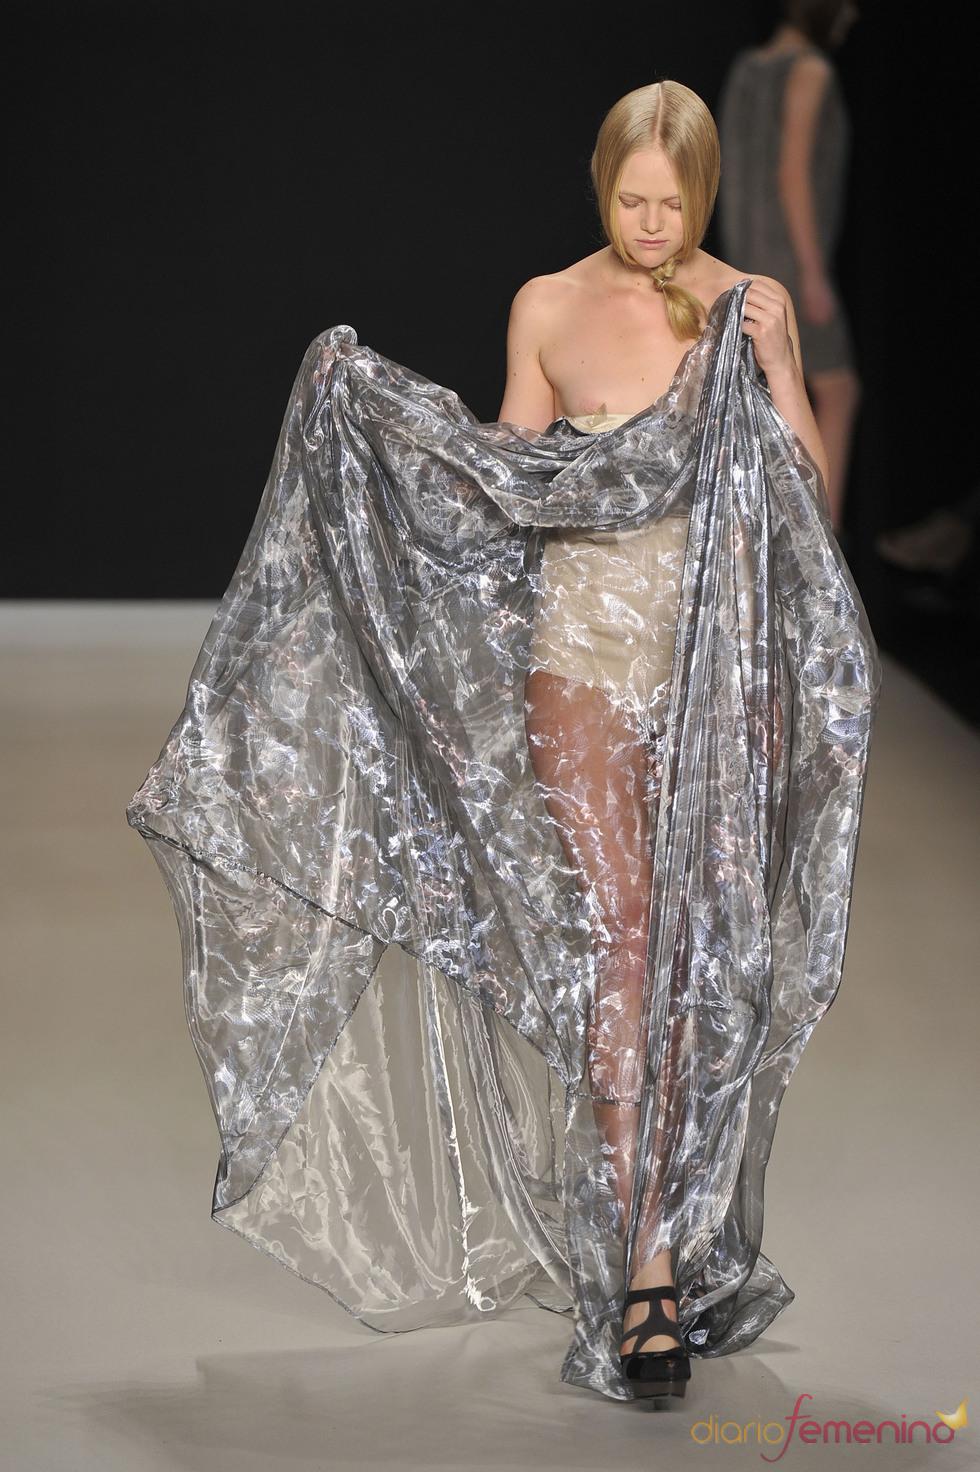 Diseños, a veces, imposibles de llevar por las modelos en la Berlín Fashion Week 2011. Tomaszewski